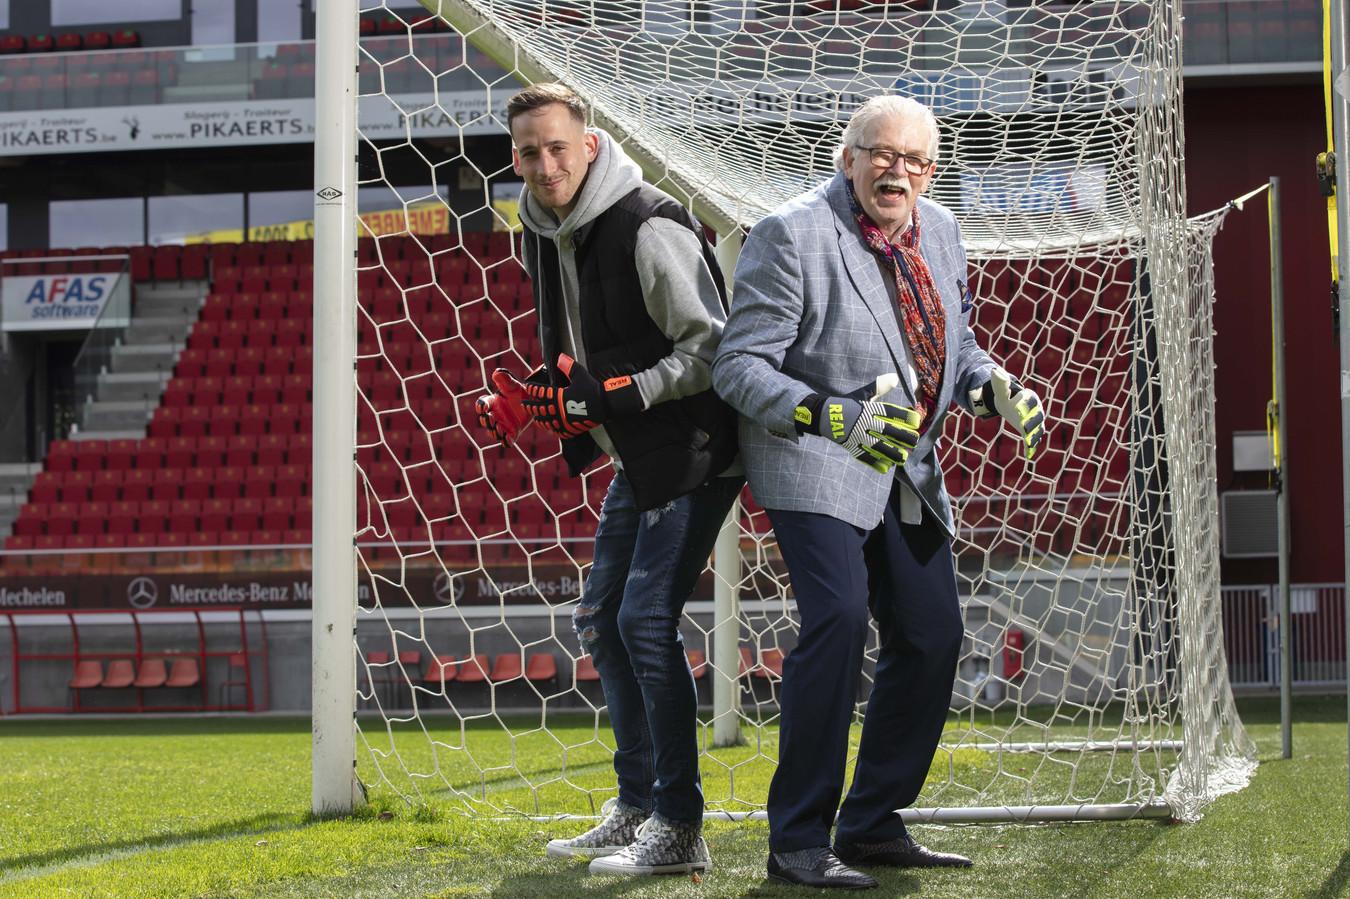 Zo vader zo zoon: Bo Geens (l) is net als zijn vader Theo Custers doelman geworden in het profvoetbal.